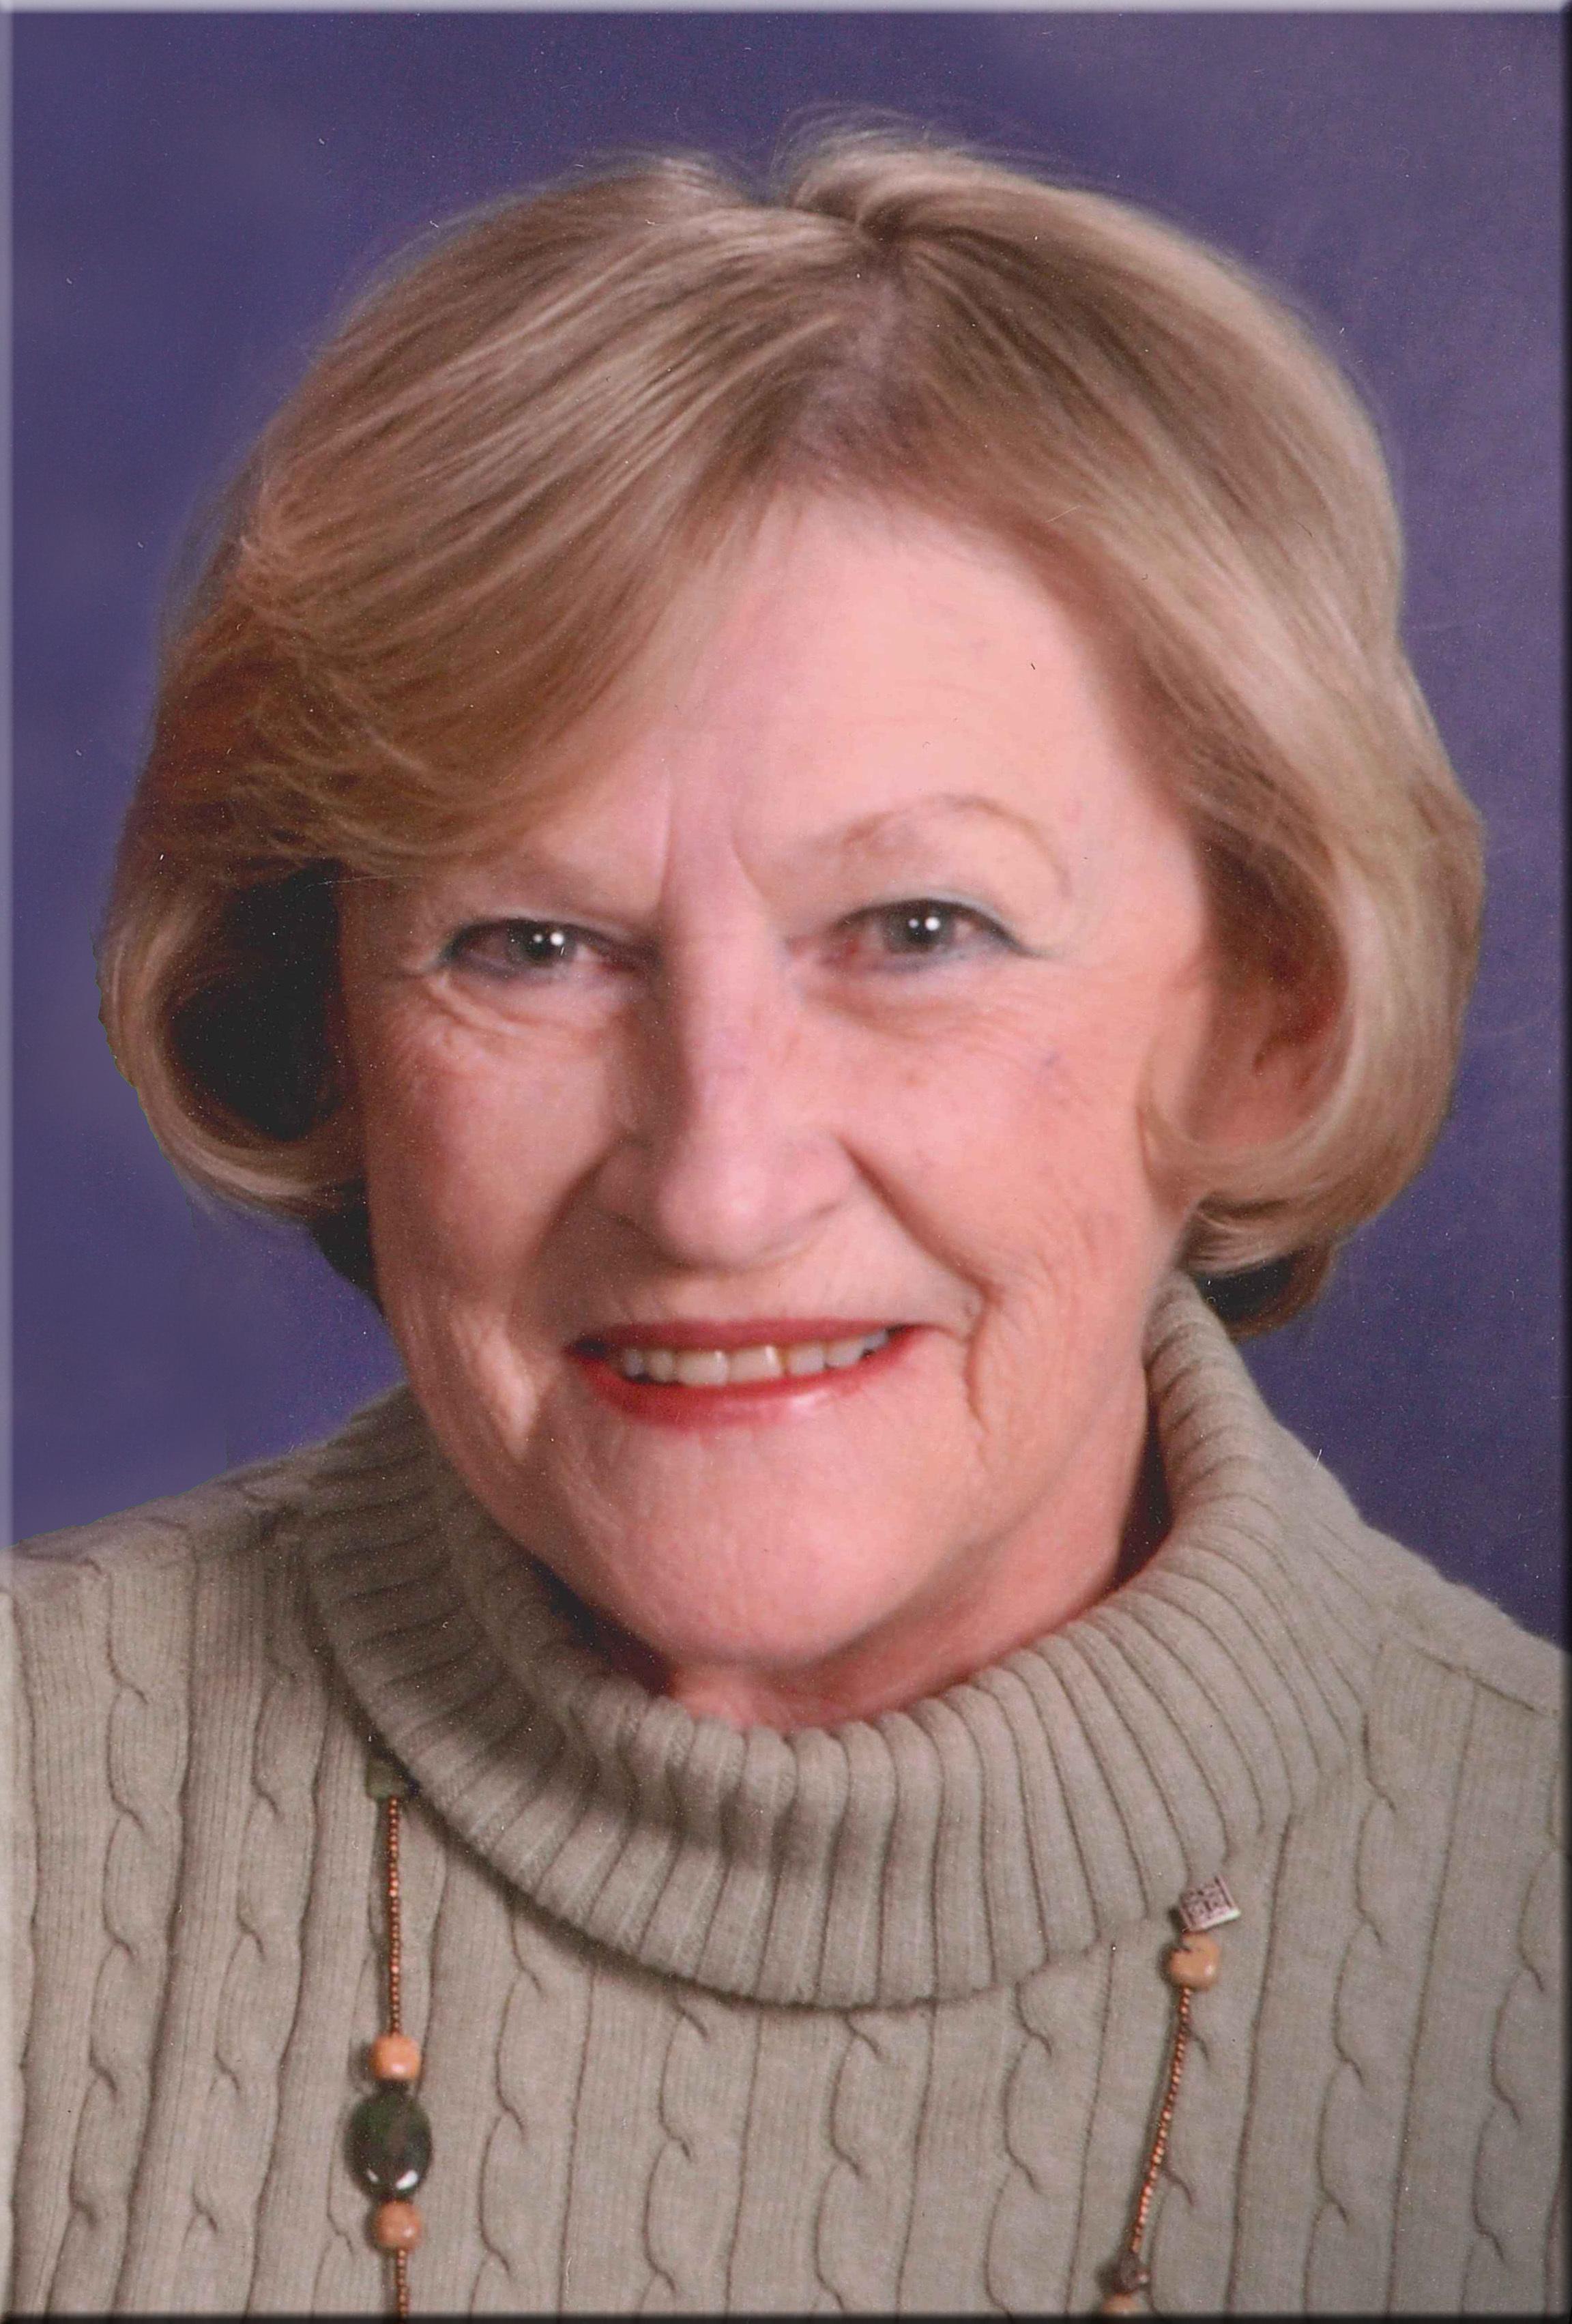 Janice M. Van Hoven